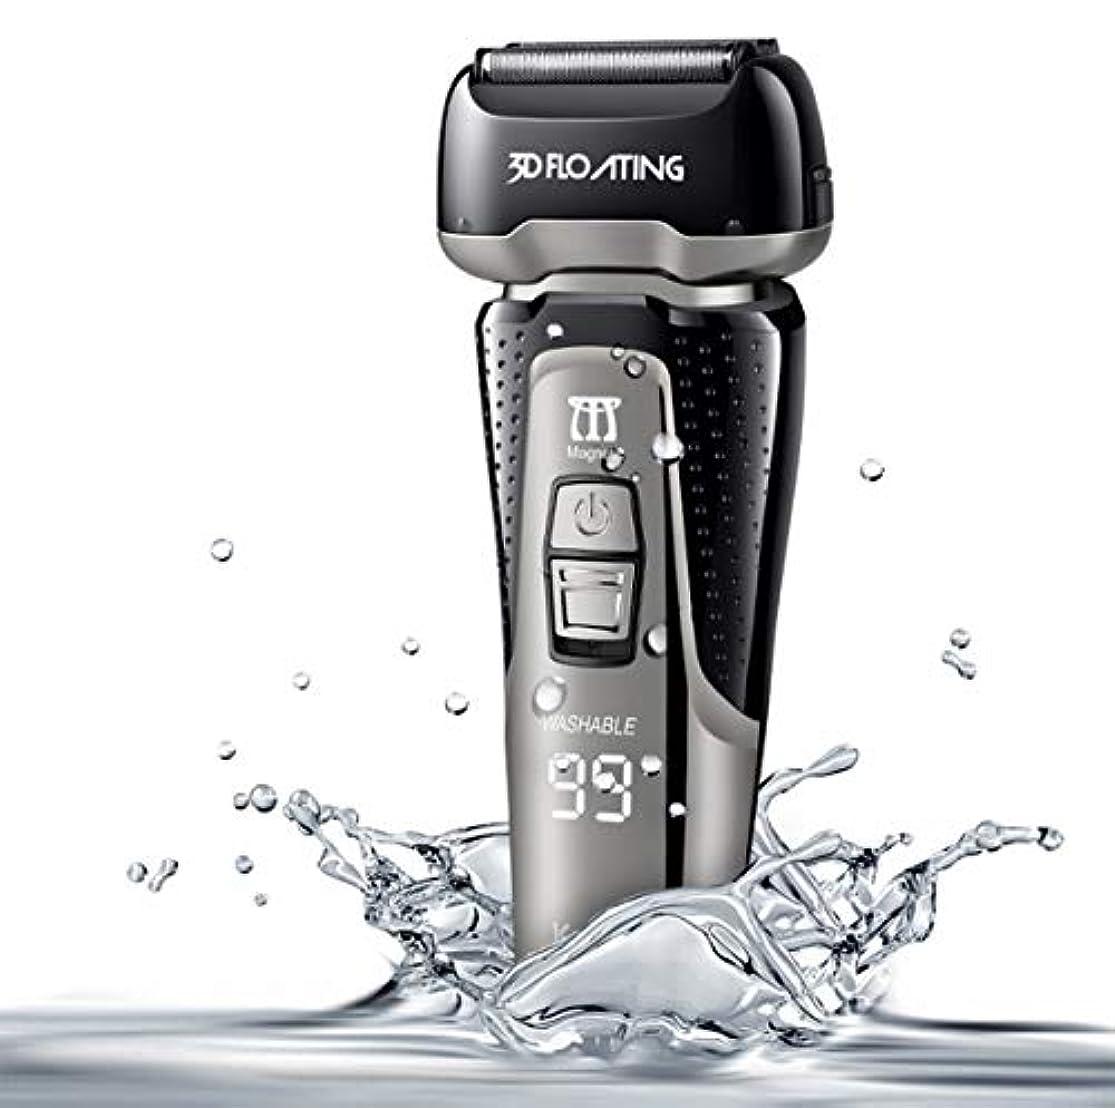 グラマー五才能のあるひげそり 電動 メンズシェーバー 電気カミソリ 電動髭剃り リニアモーター搭載 IPX7防水 本体丸洗い 3枚刃 USB充電式 持ち運び便利